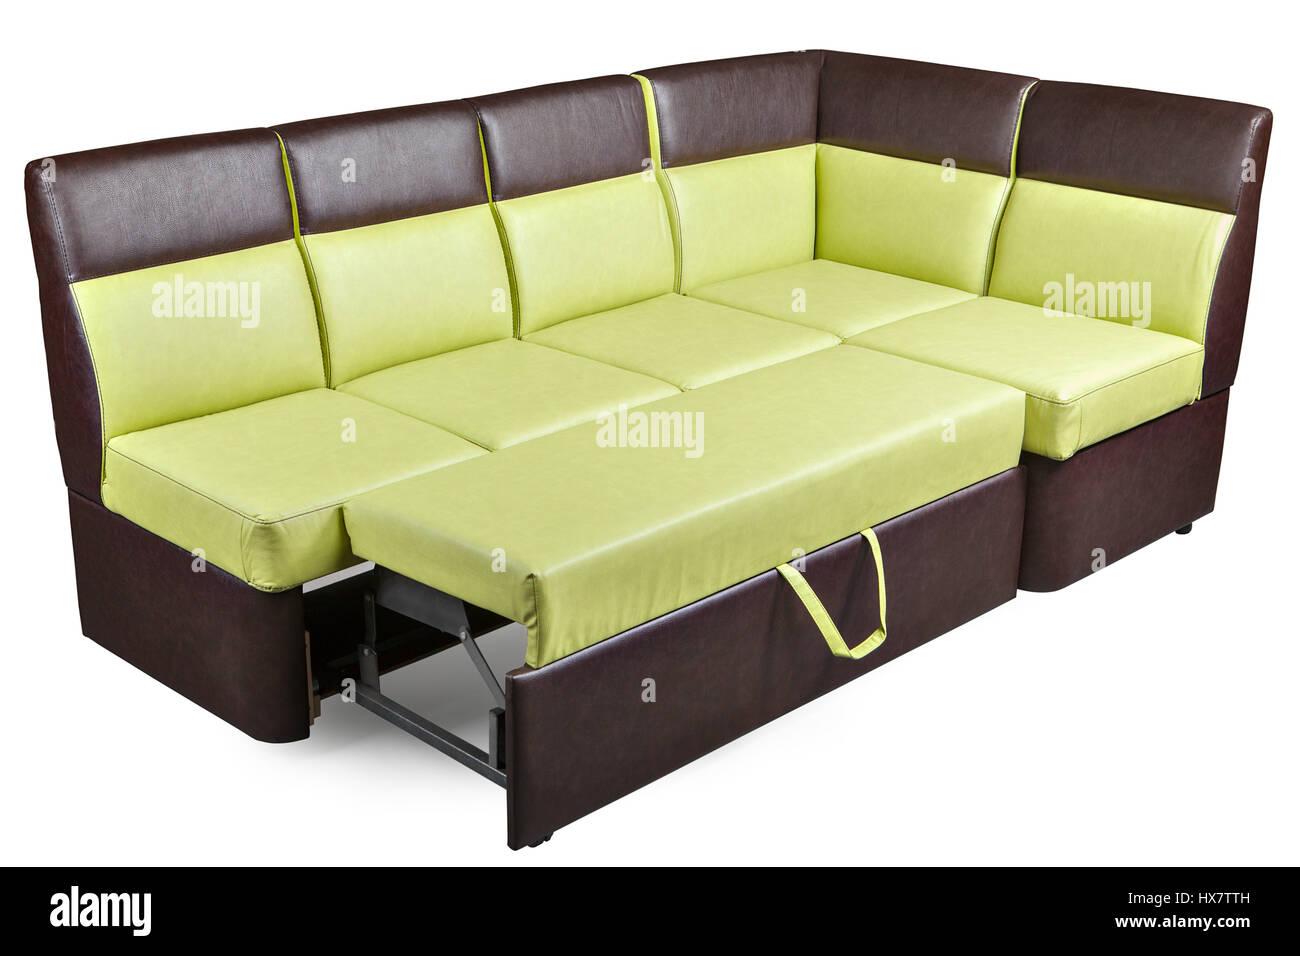 Divano Angolo Letto : Similpelle sagomata ad l mobili da pranzo panca ad angolo